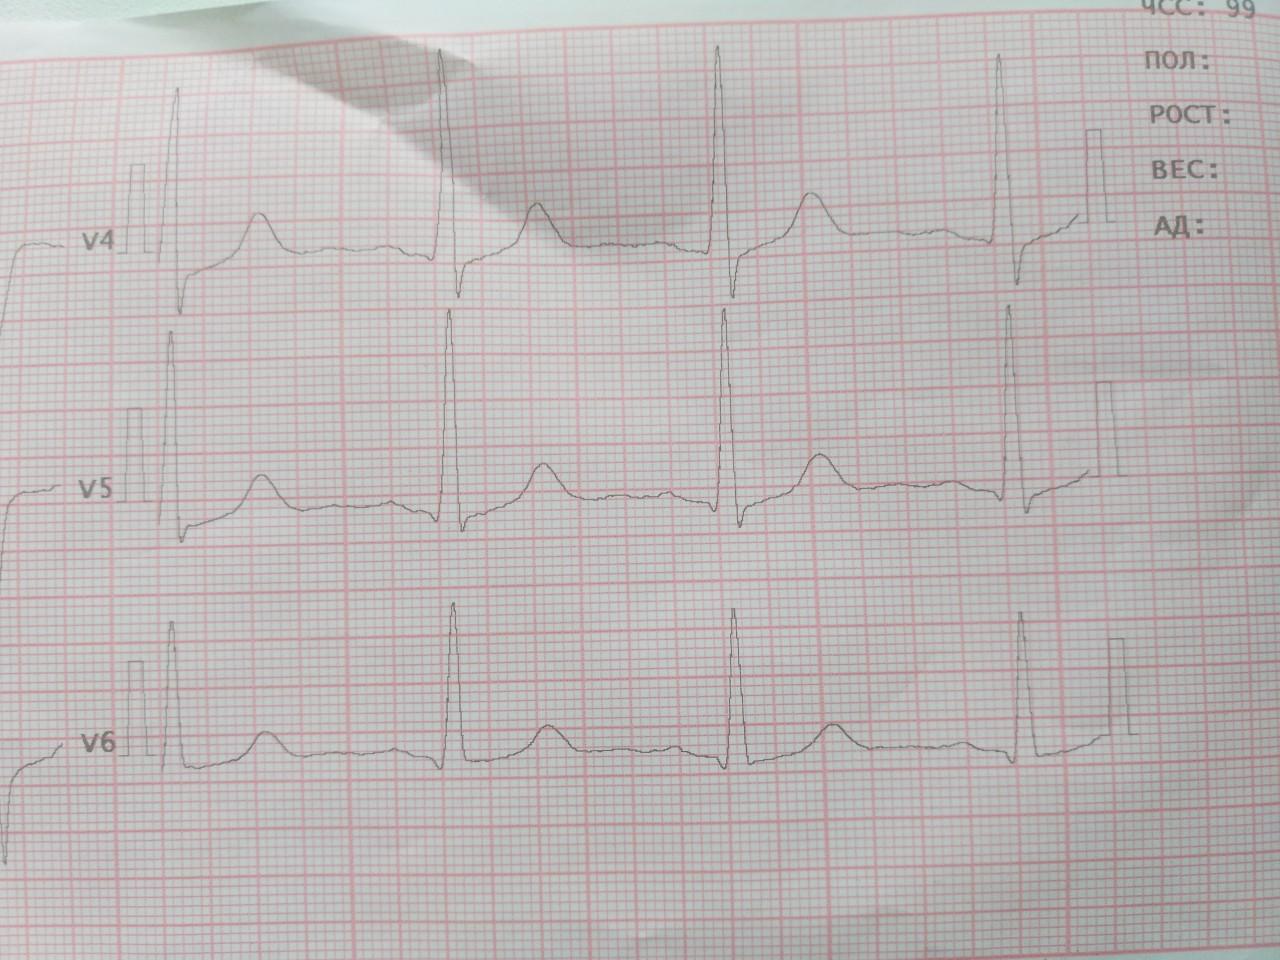 фото кардиограммы с инфарктом для них